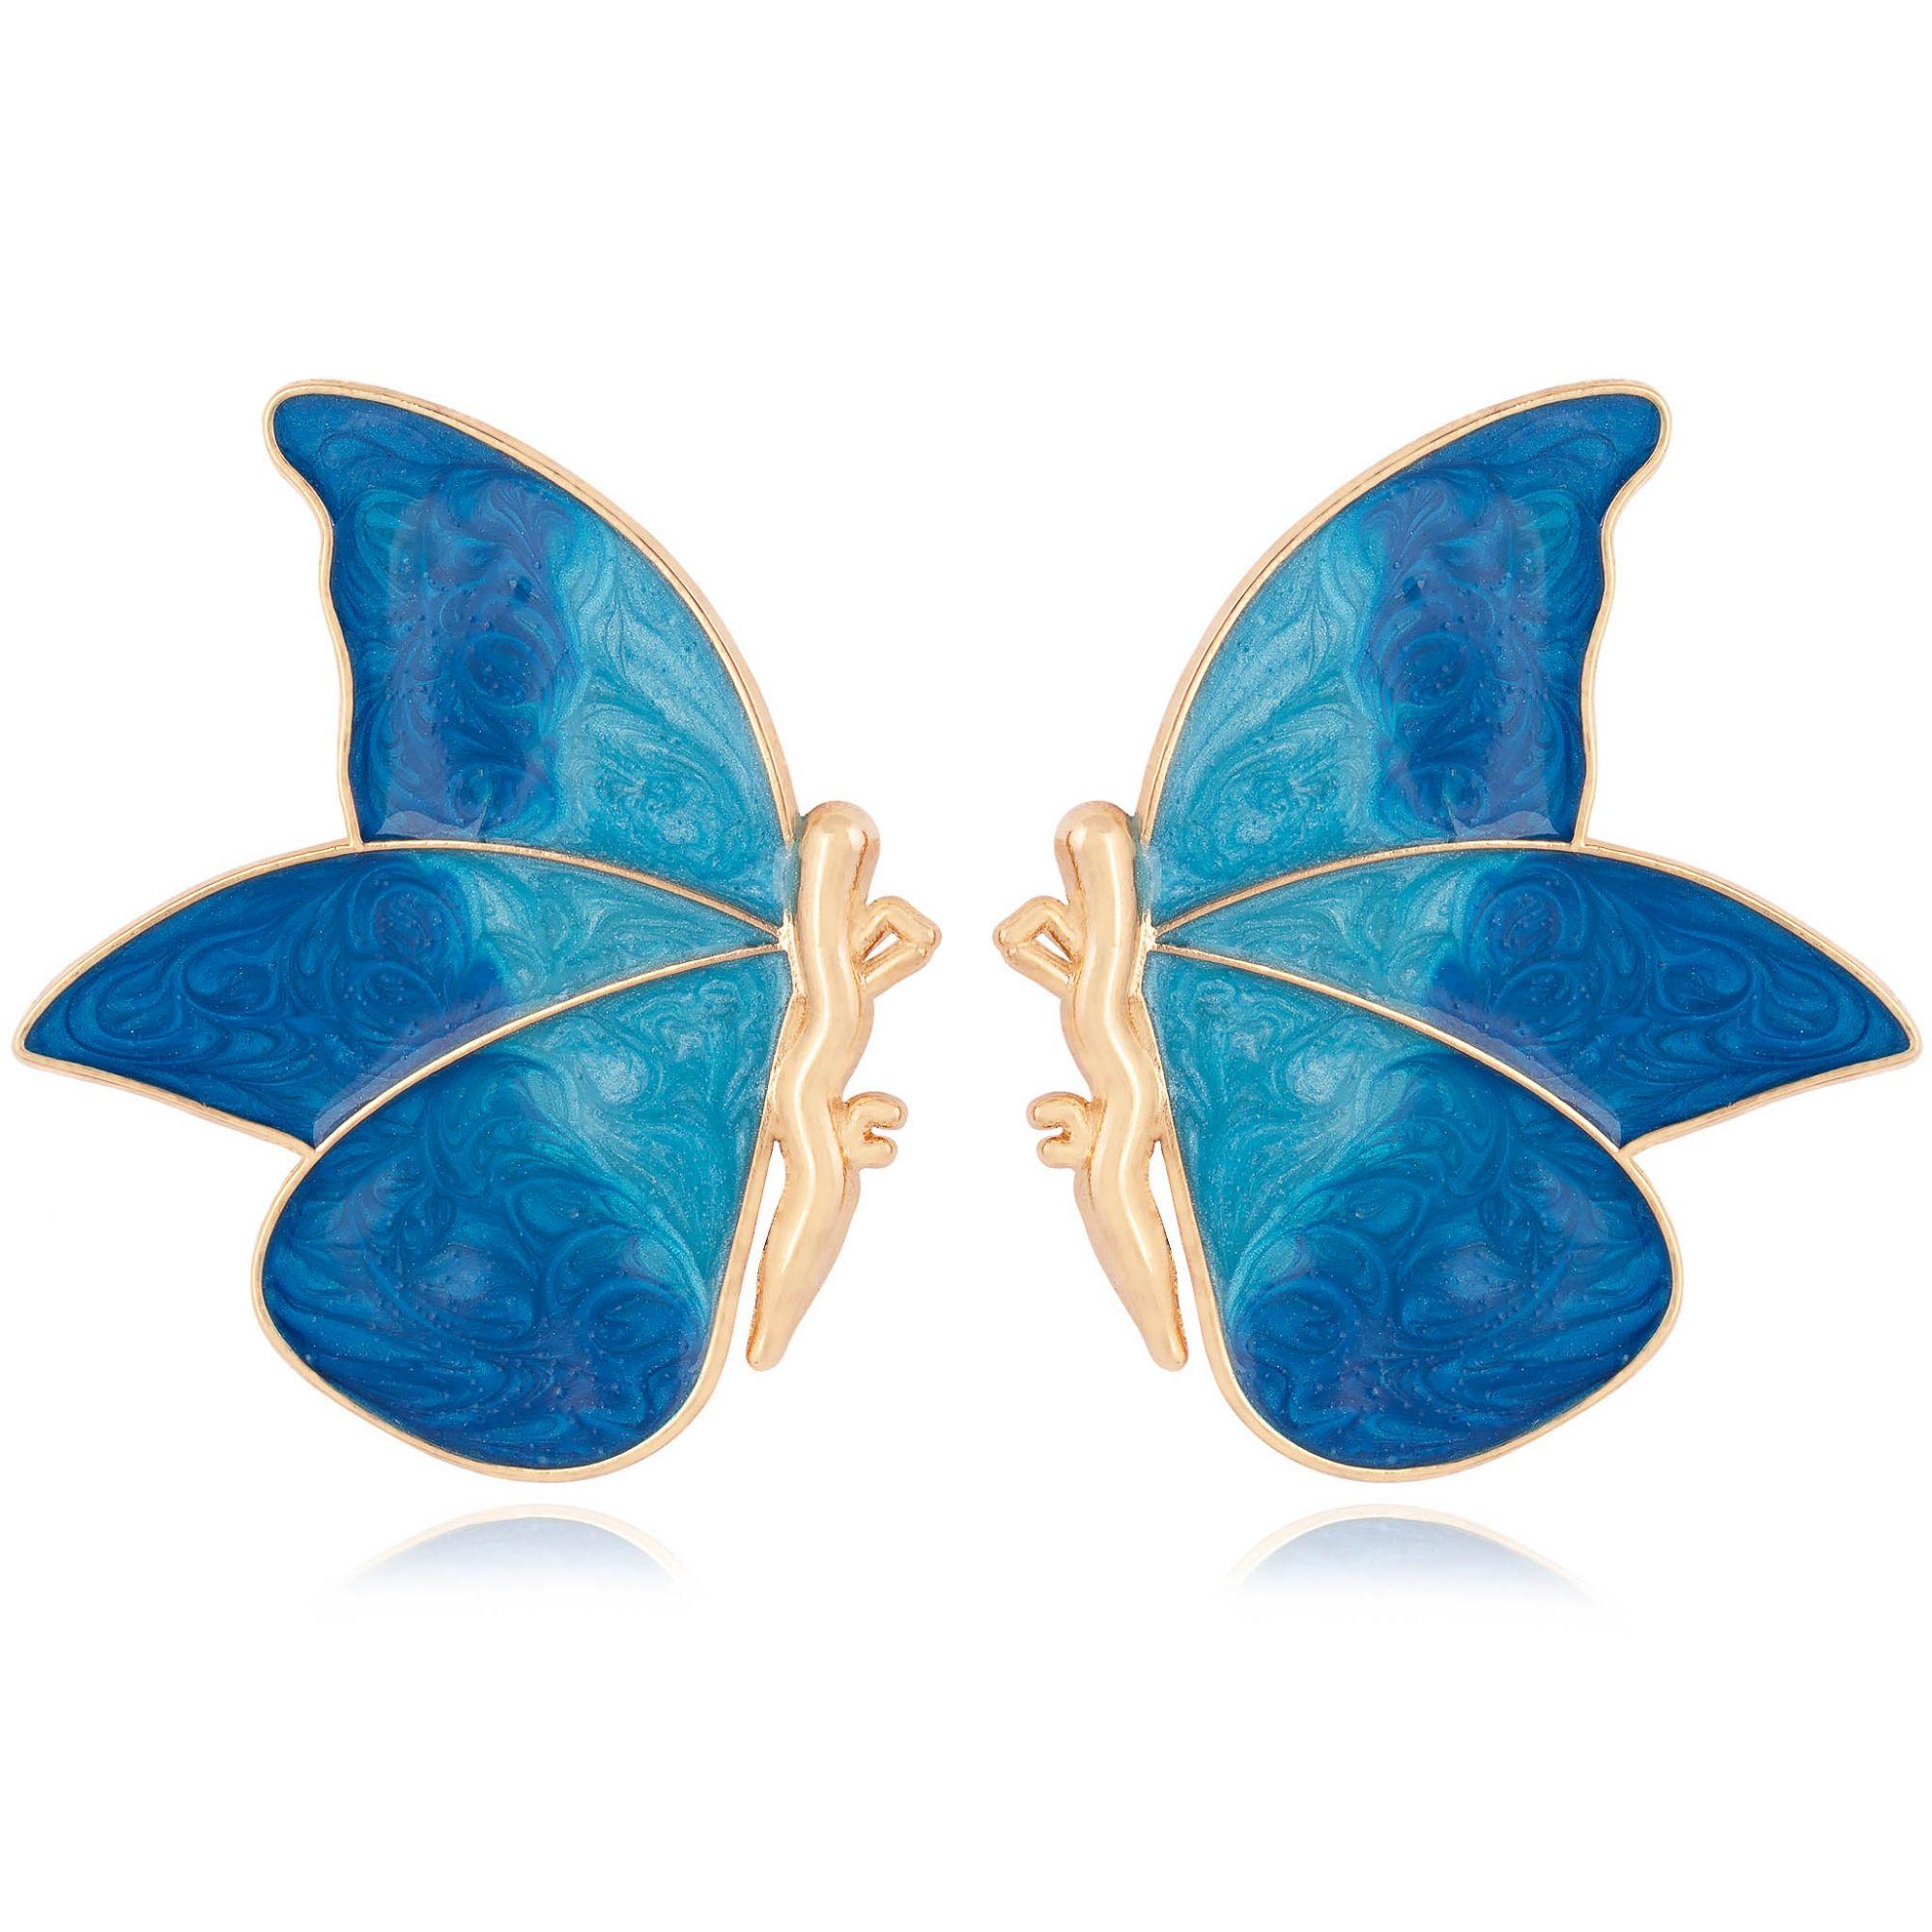 Brinco borboleta banhado a ouro 18k resinado em azul.